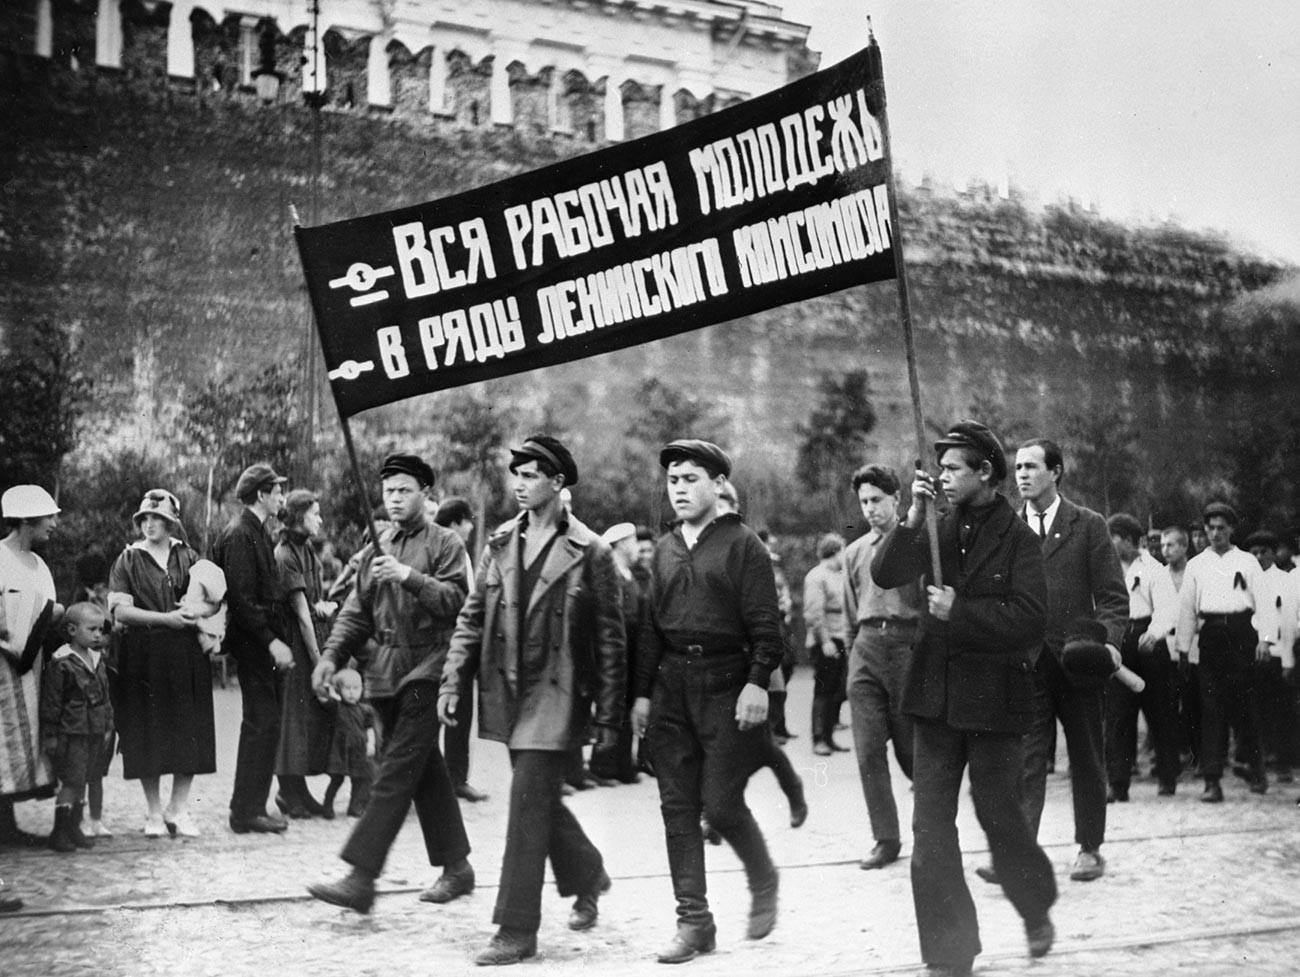 Anggota muda Komsomol di Lapangan Merah.